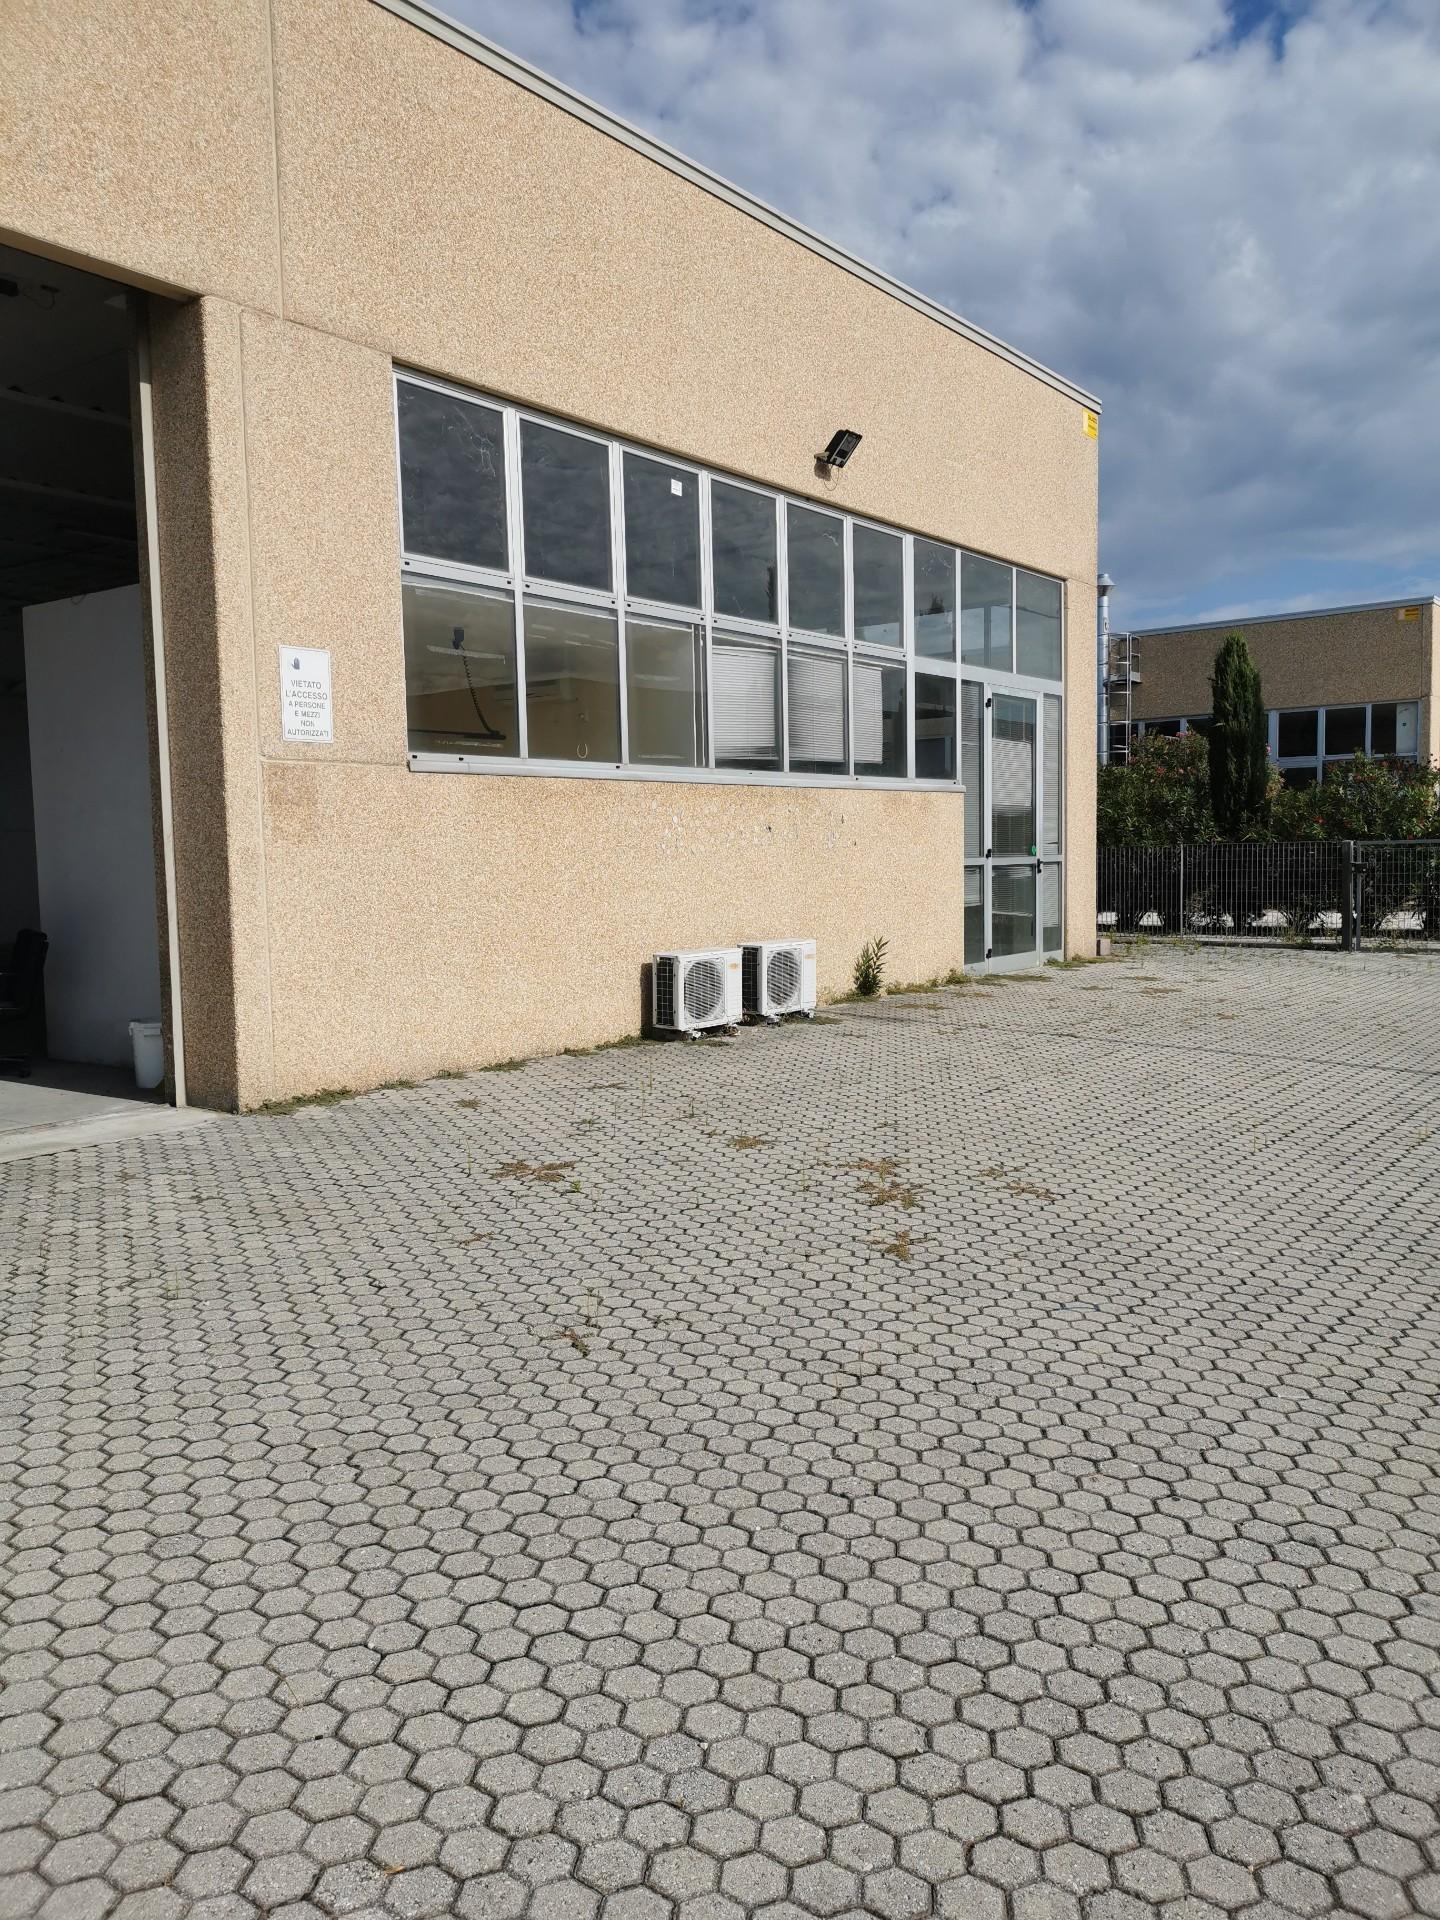 Capannone in vendita a Ponsacco, 1 locali, prezzo € 250.000 | CambioCasa.it